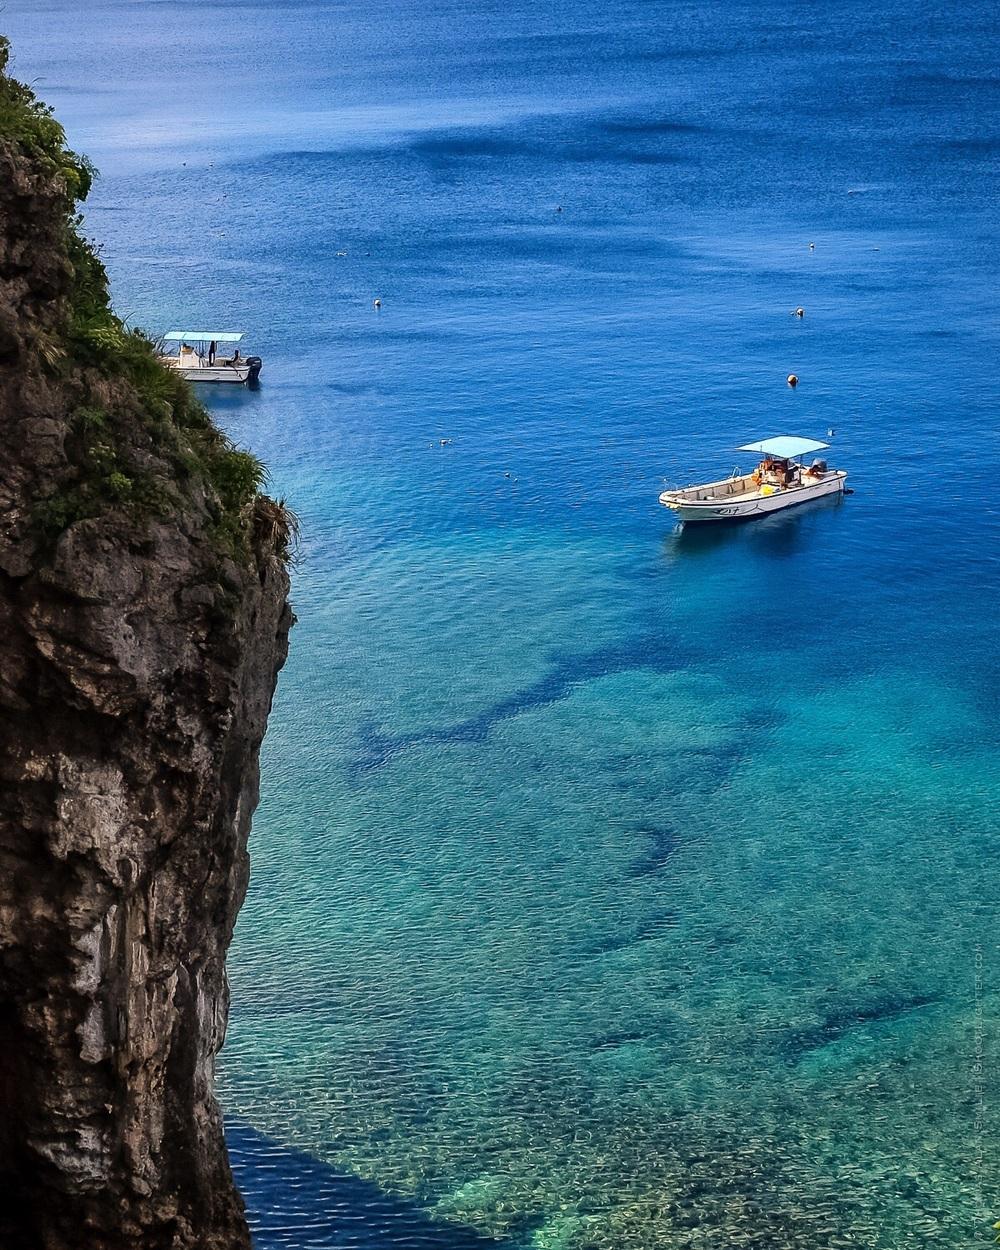 Diving boats at Cape Maeda in Okinawa, Japan. Fuji x100T